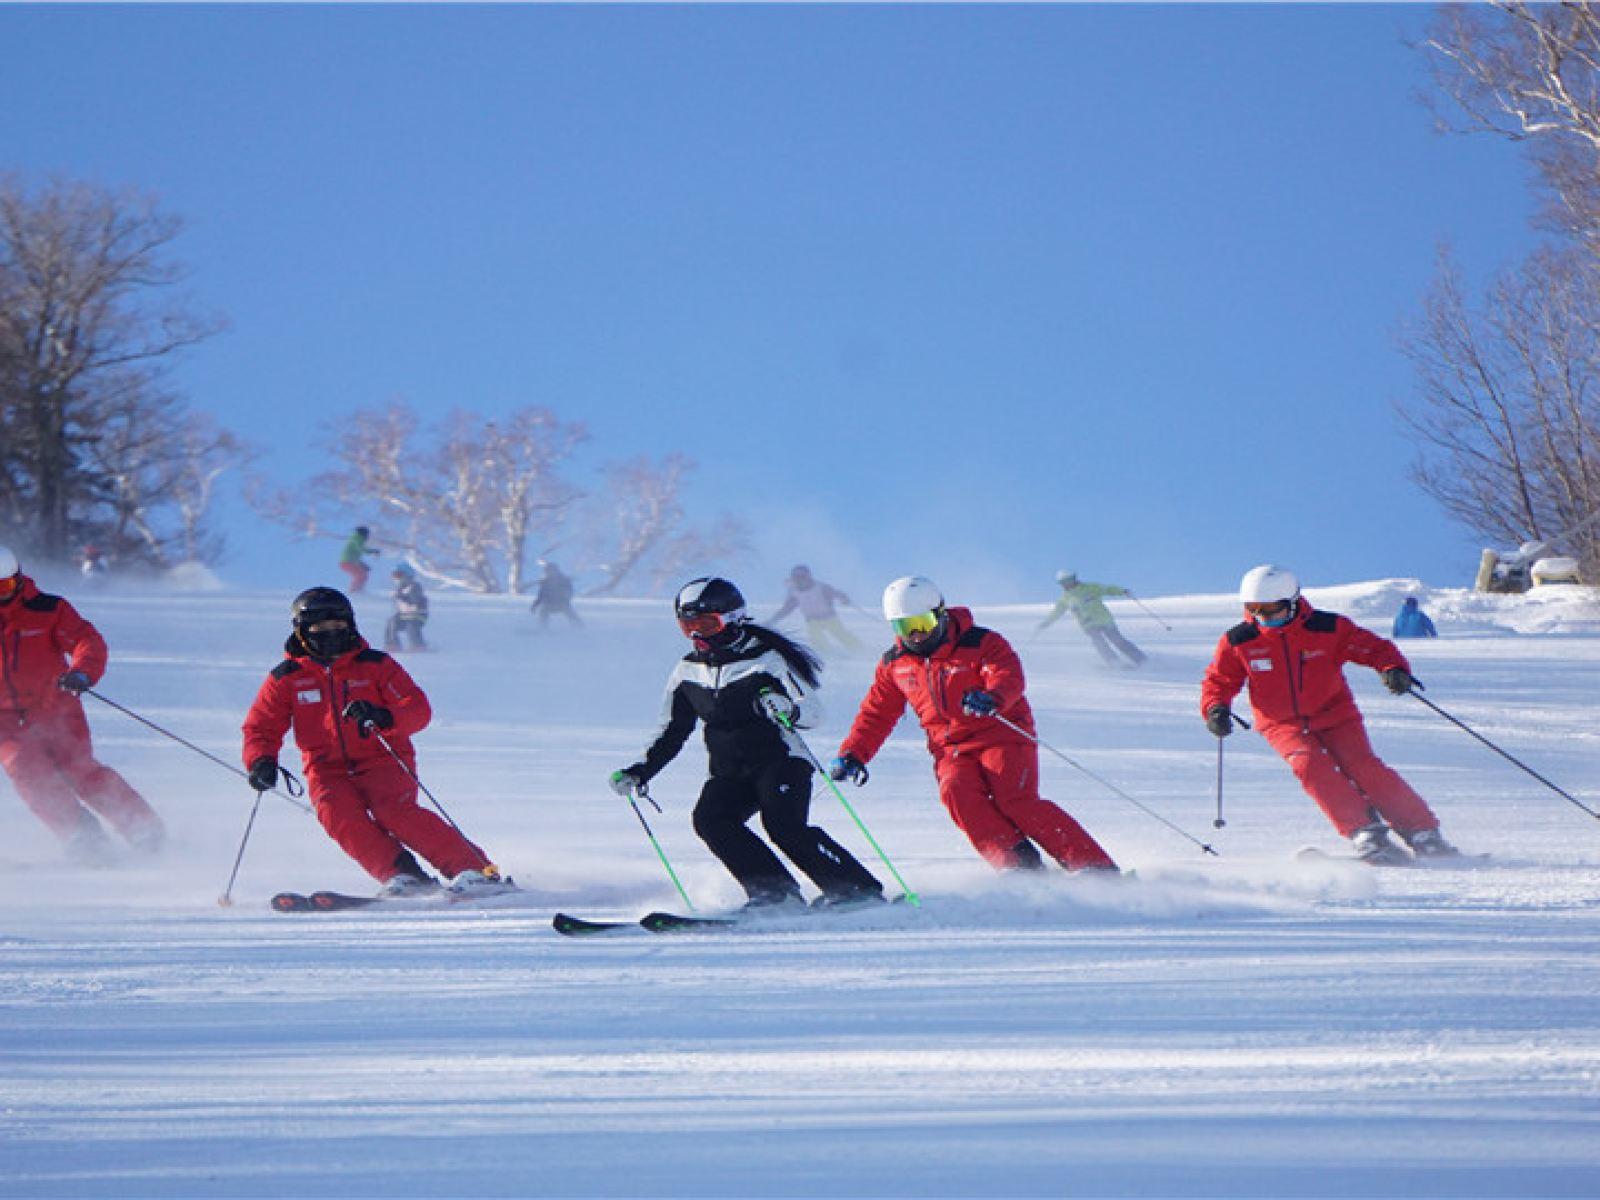 【自驾双人套餐】恩施绿葱坡滑雪